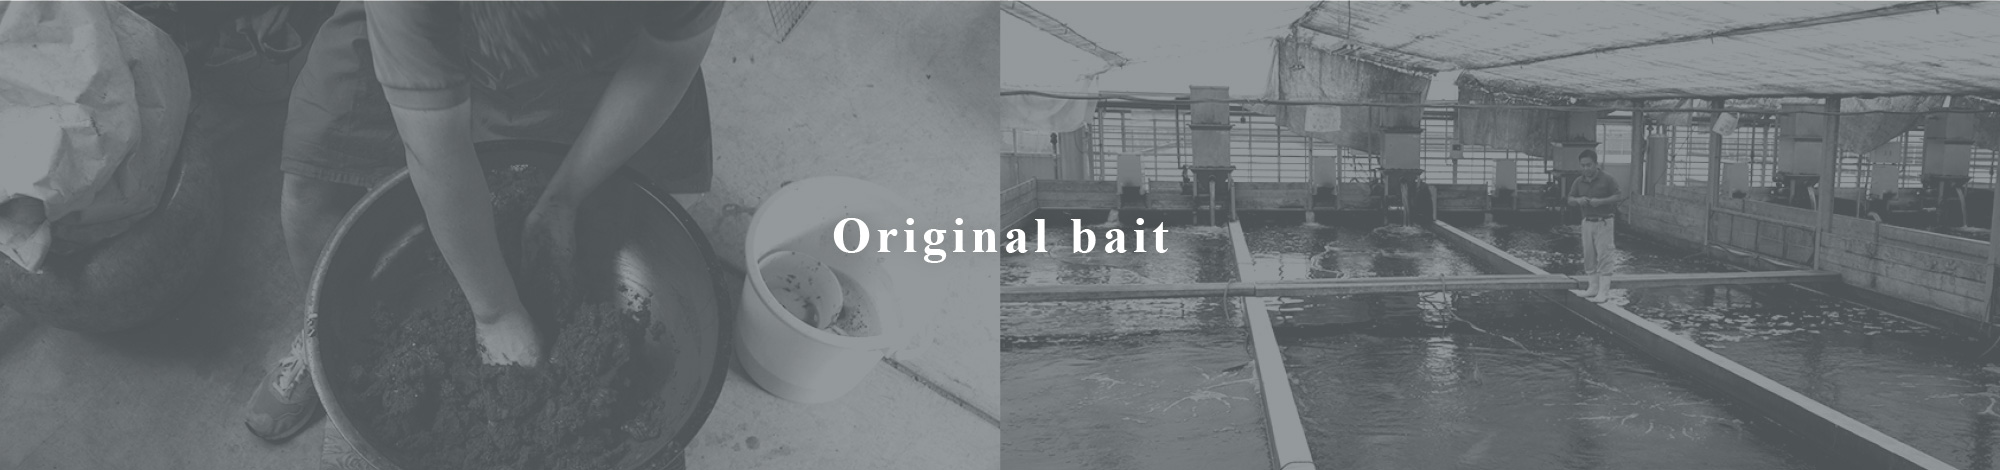 Original bait